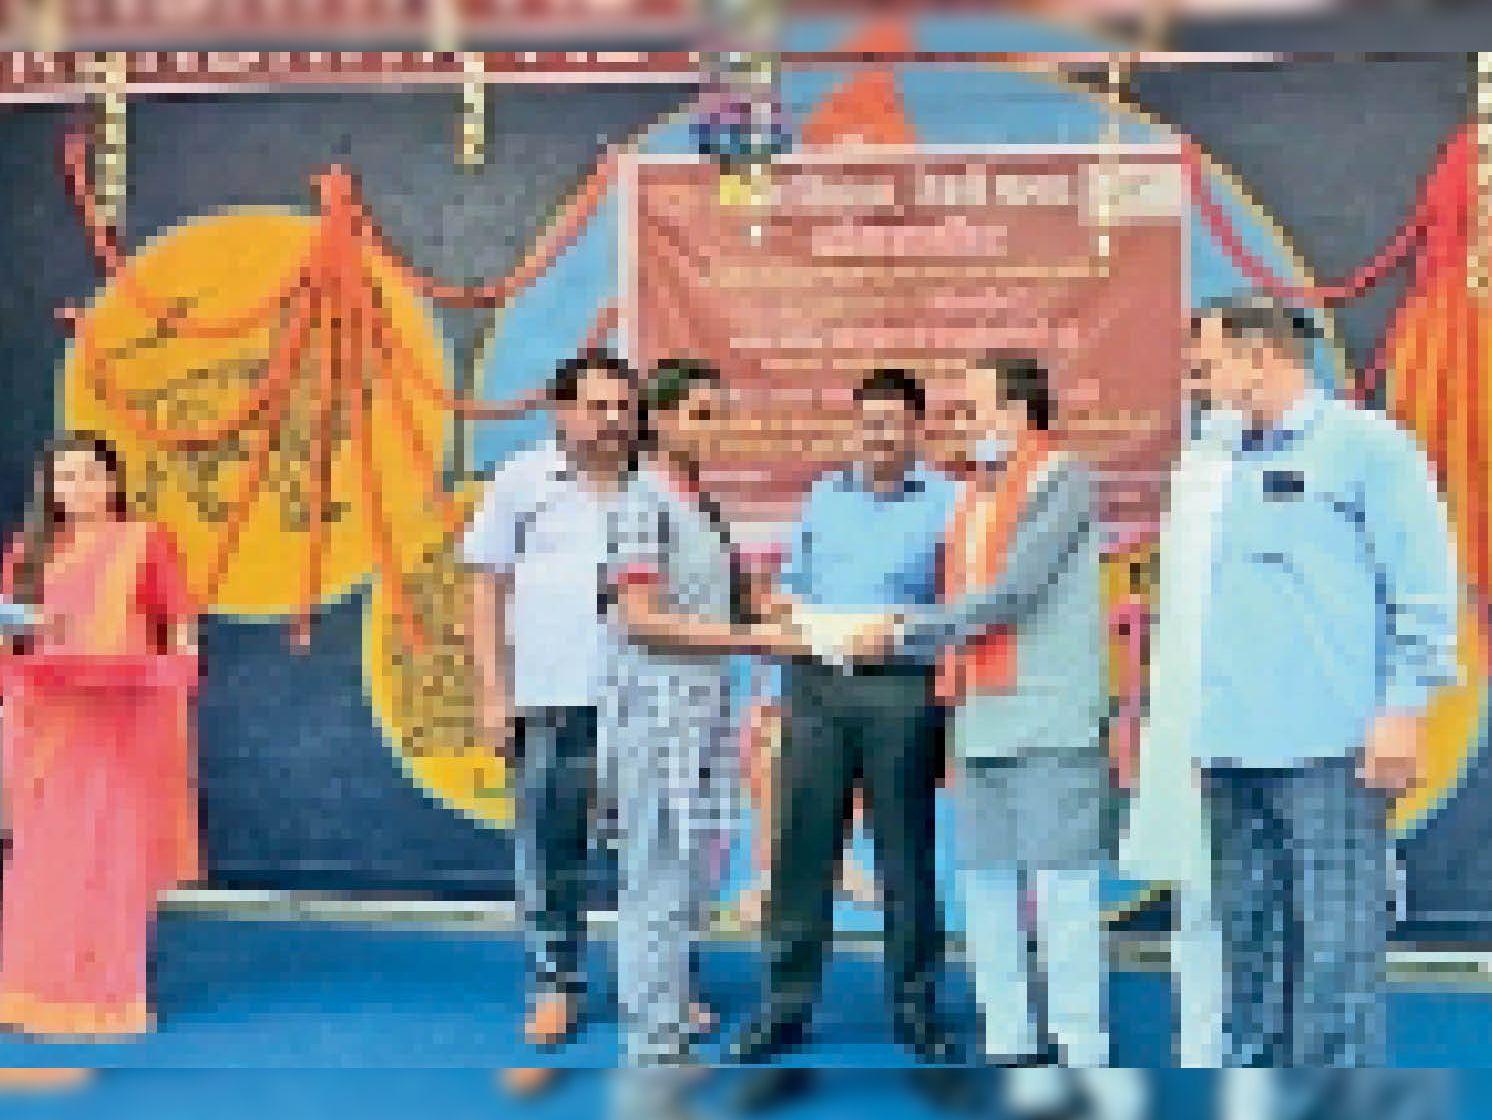 बच्चो को पुरस्कार देते हुए विधायक प्रेमशंकर वर्मा। - Dainik Bhaskar